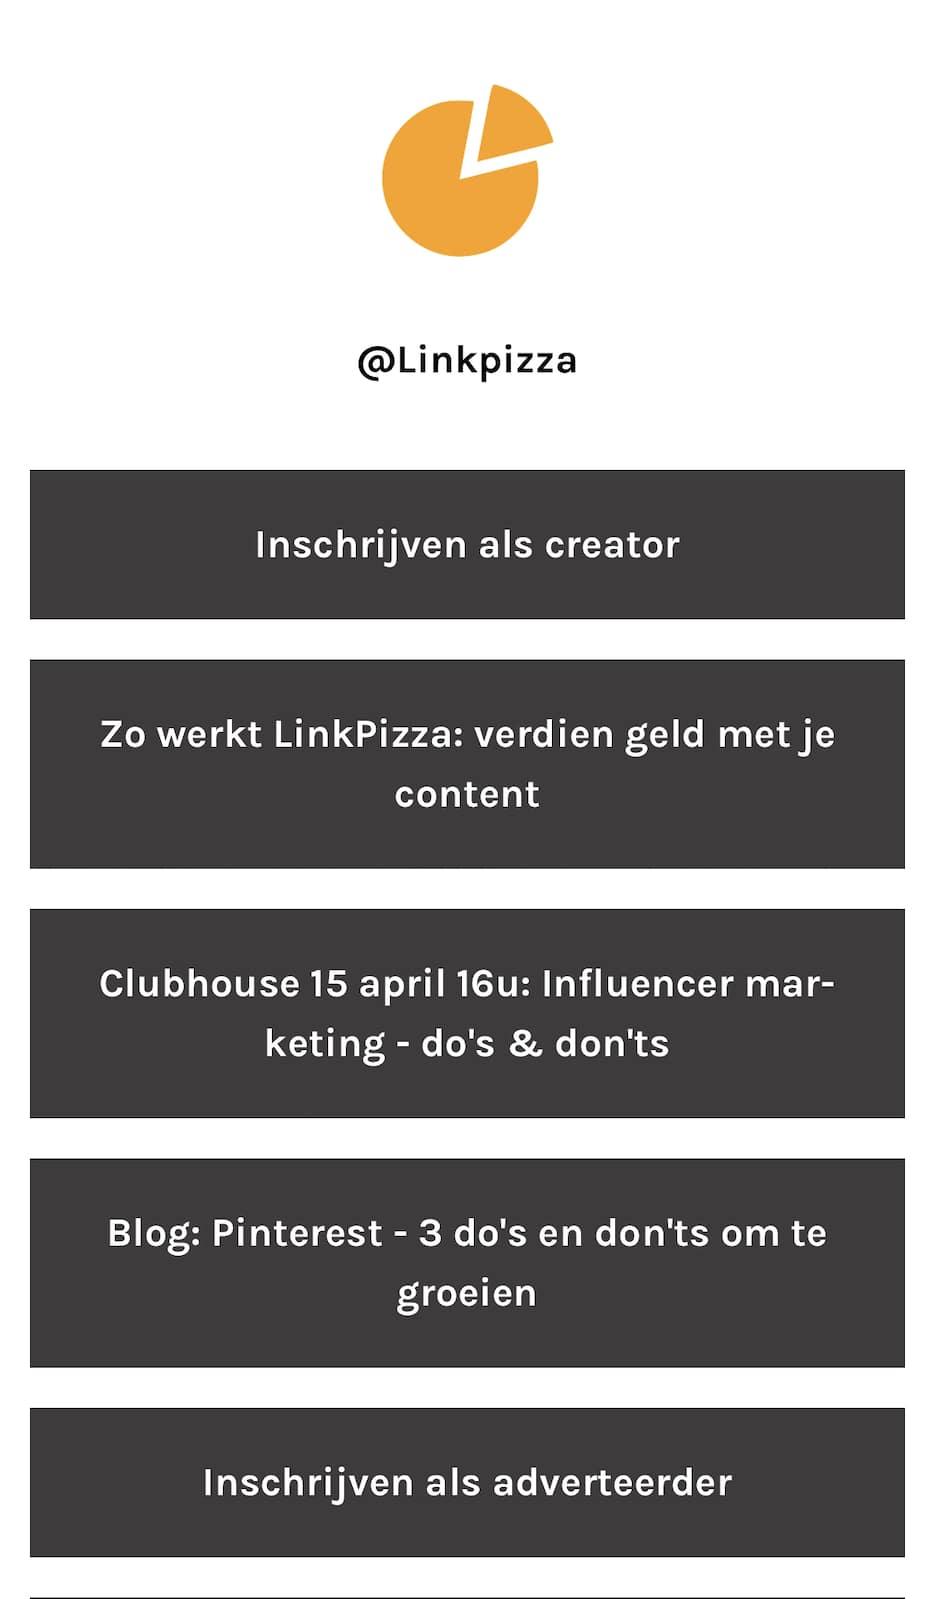 Linktree voorbeeld LinkPizza